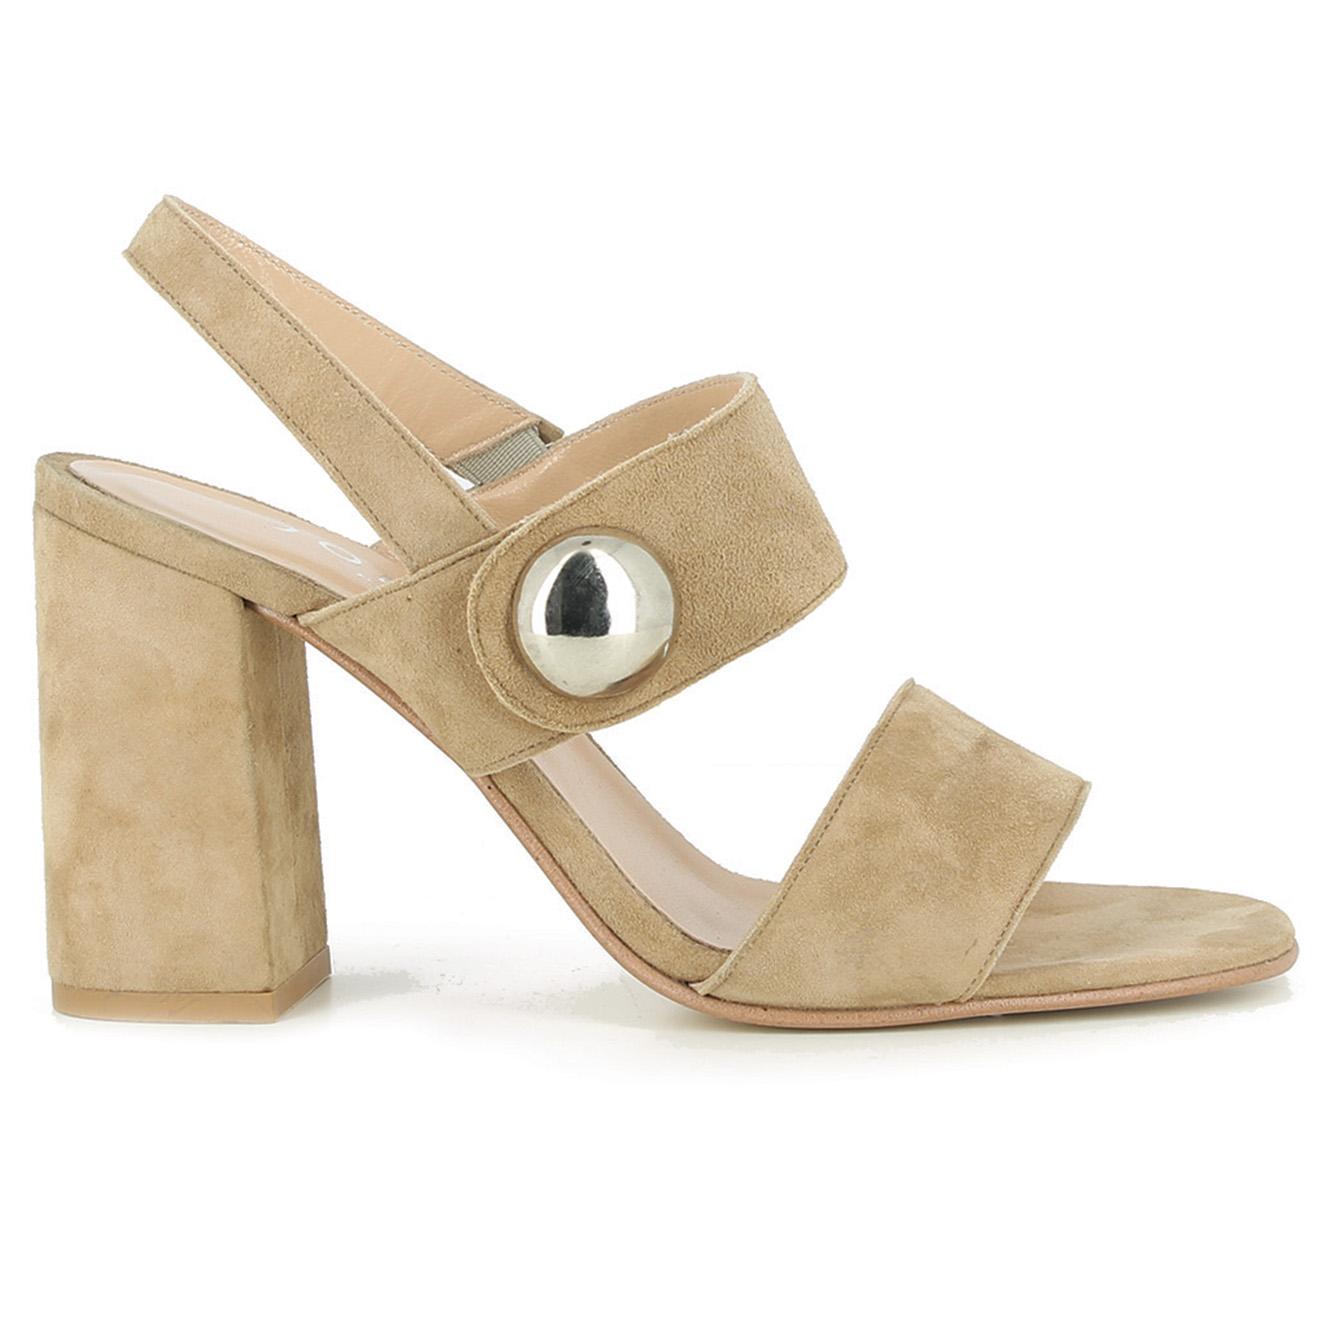 Sandales en Velours de Cuir Derika beiges - Talon 10 cm - Jonak - Modalova